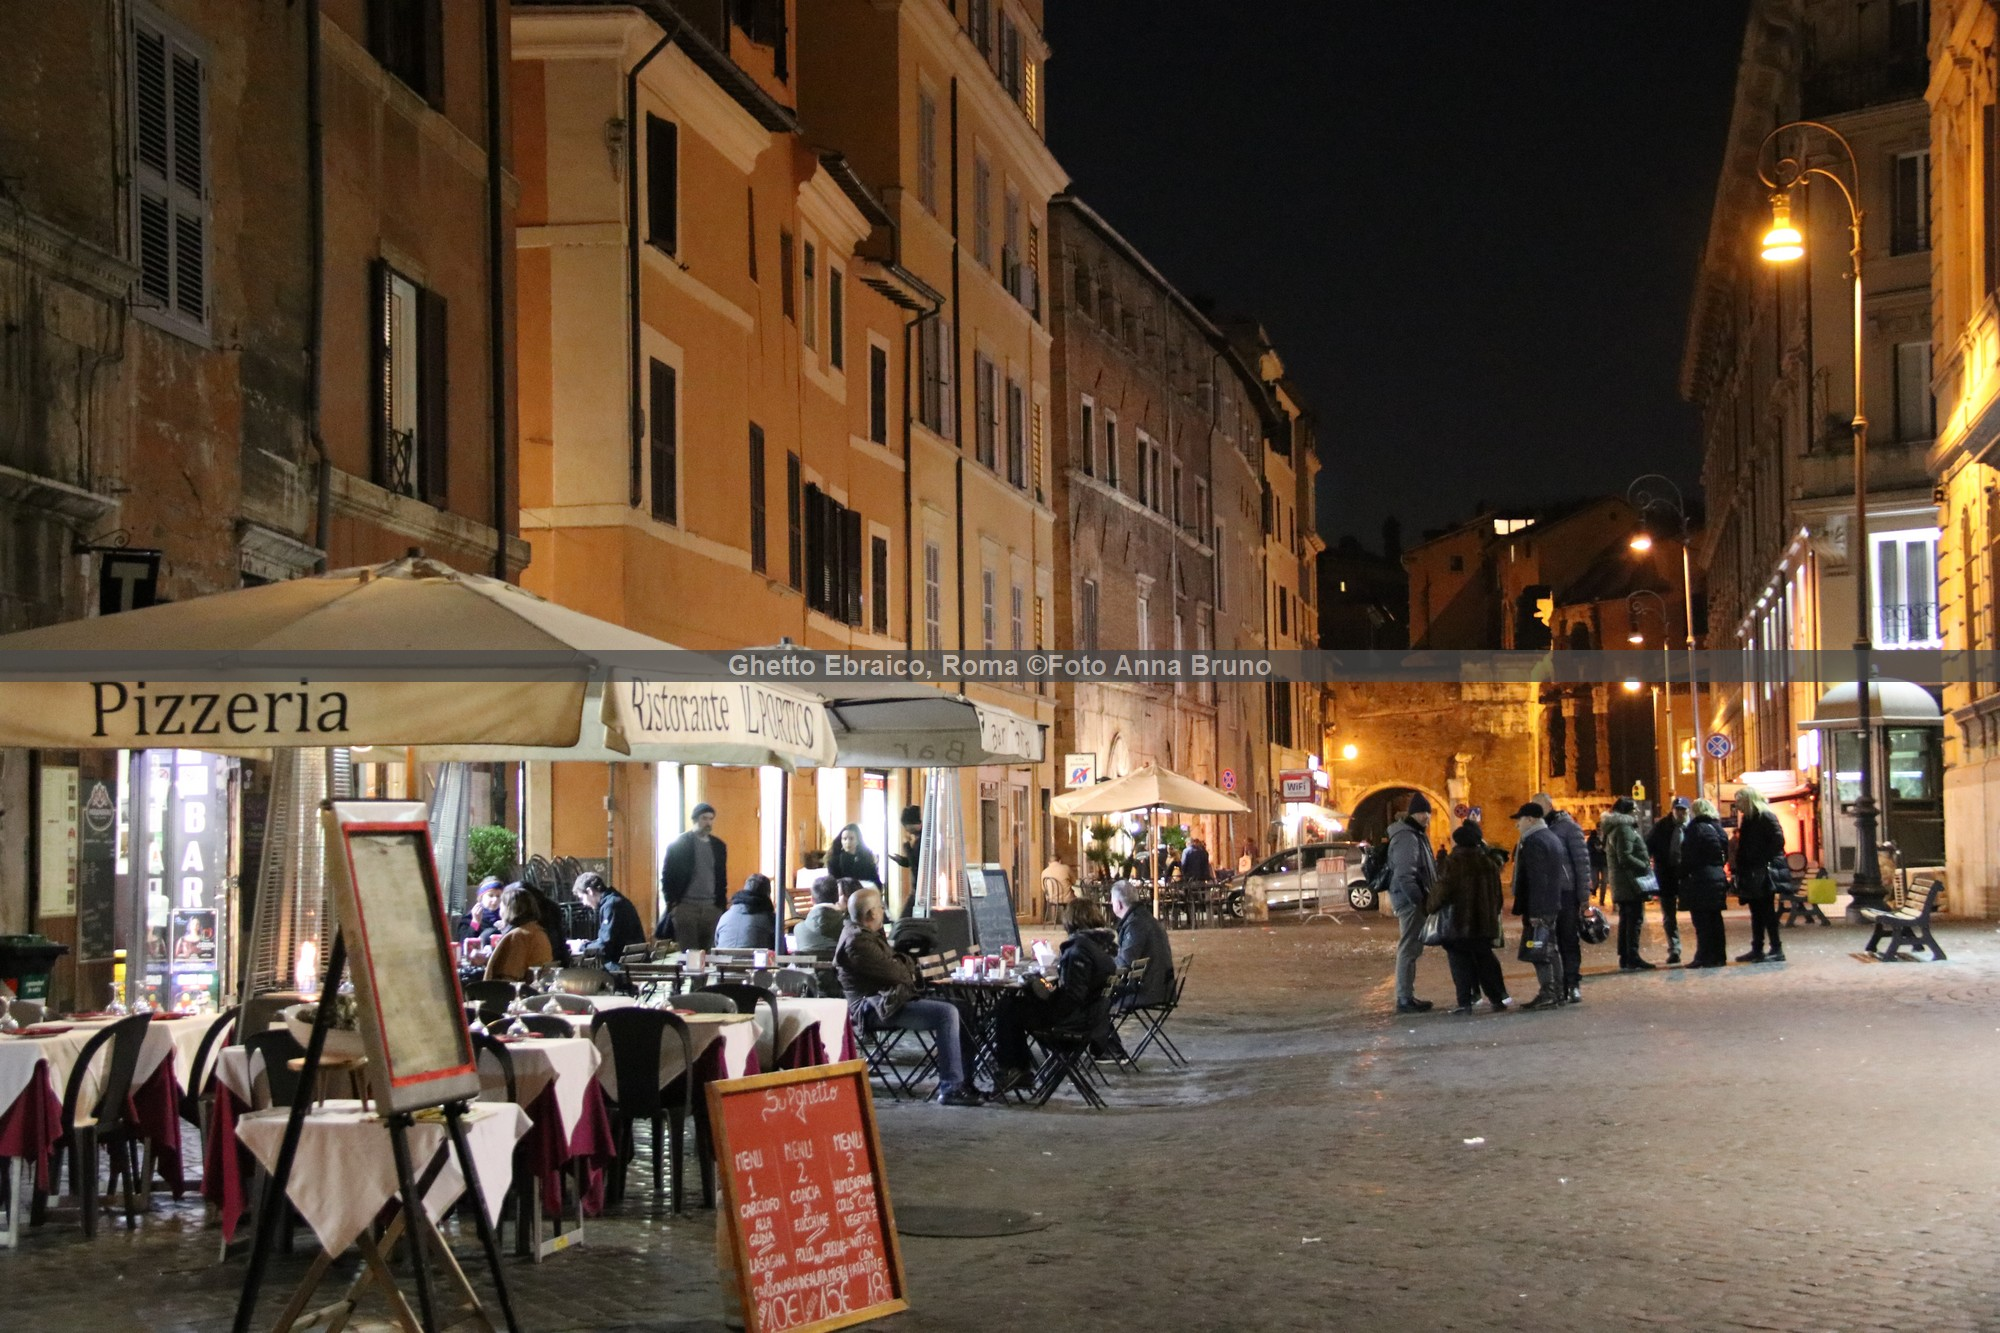 Ghetto Ebraico, Roma ©Foto Anna Bruno